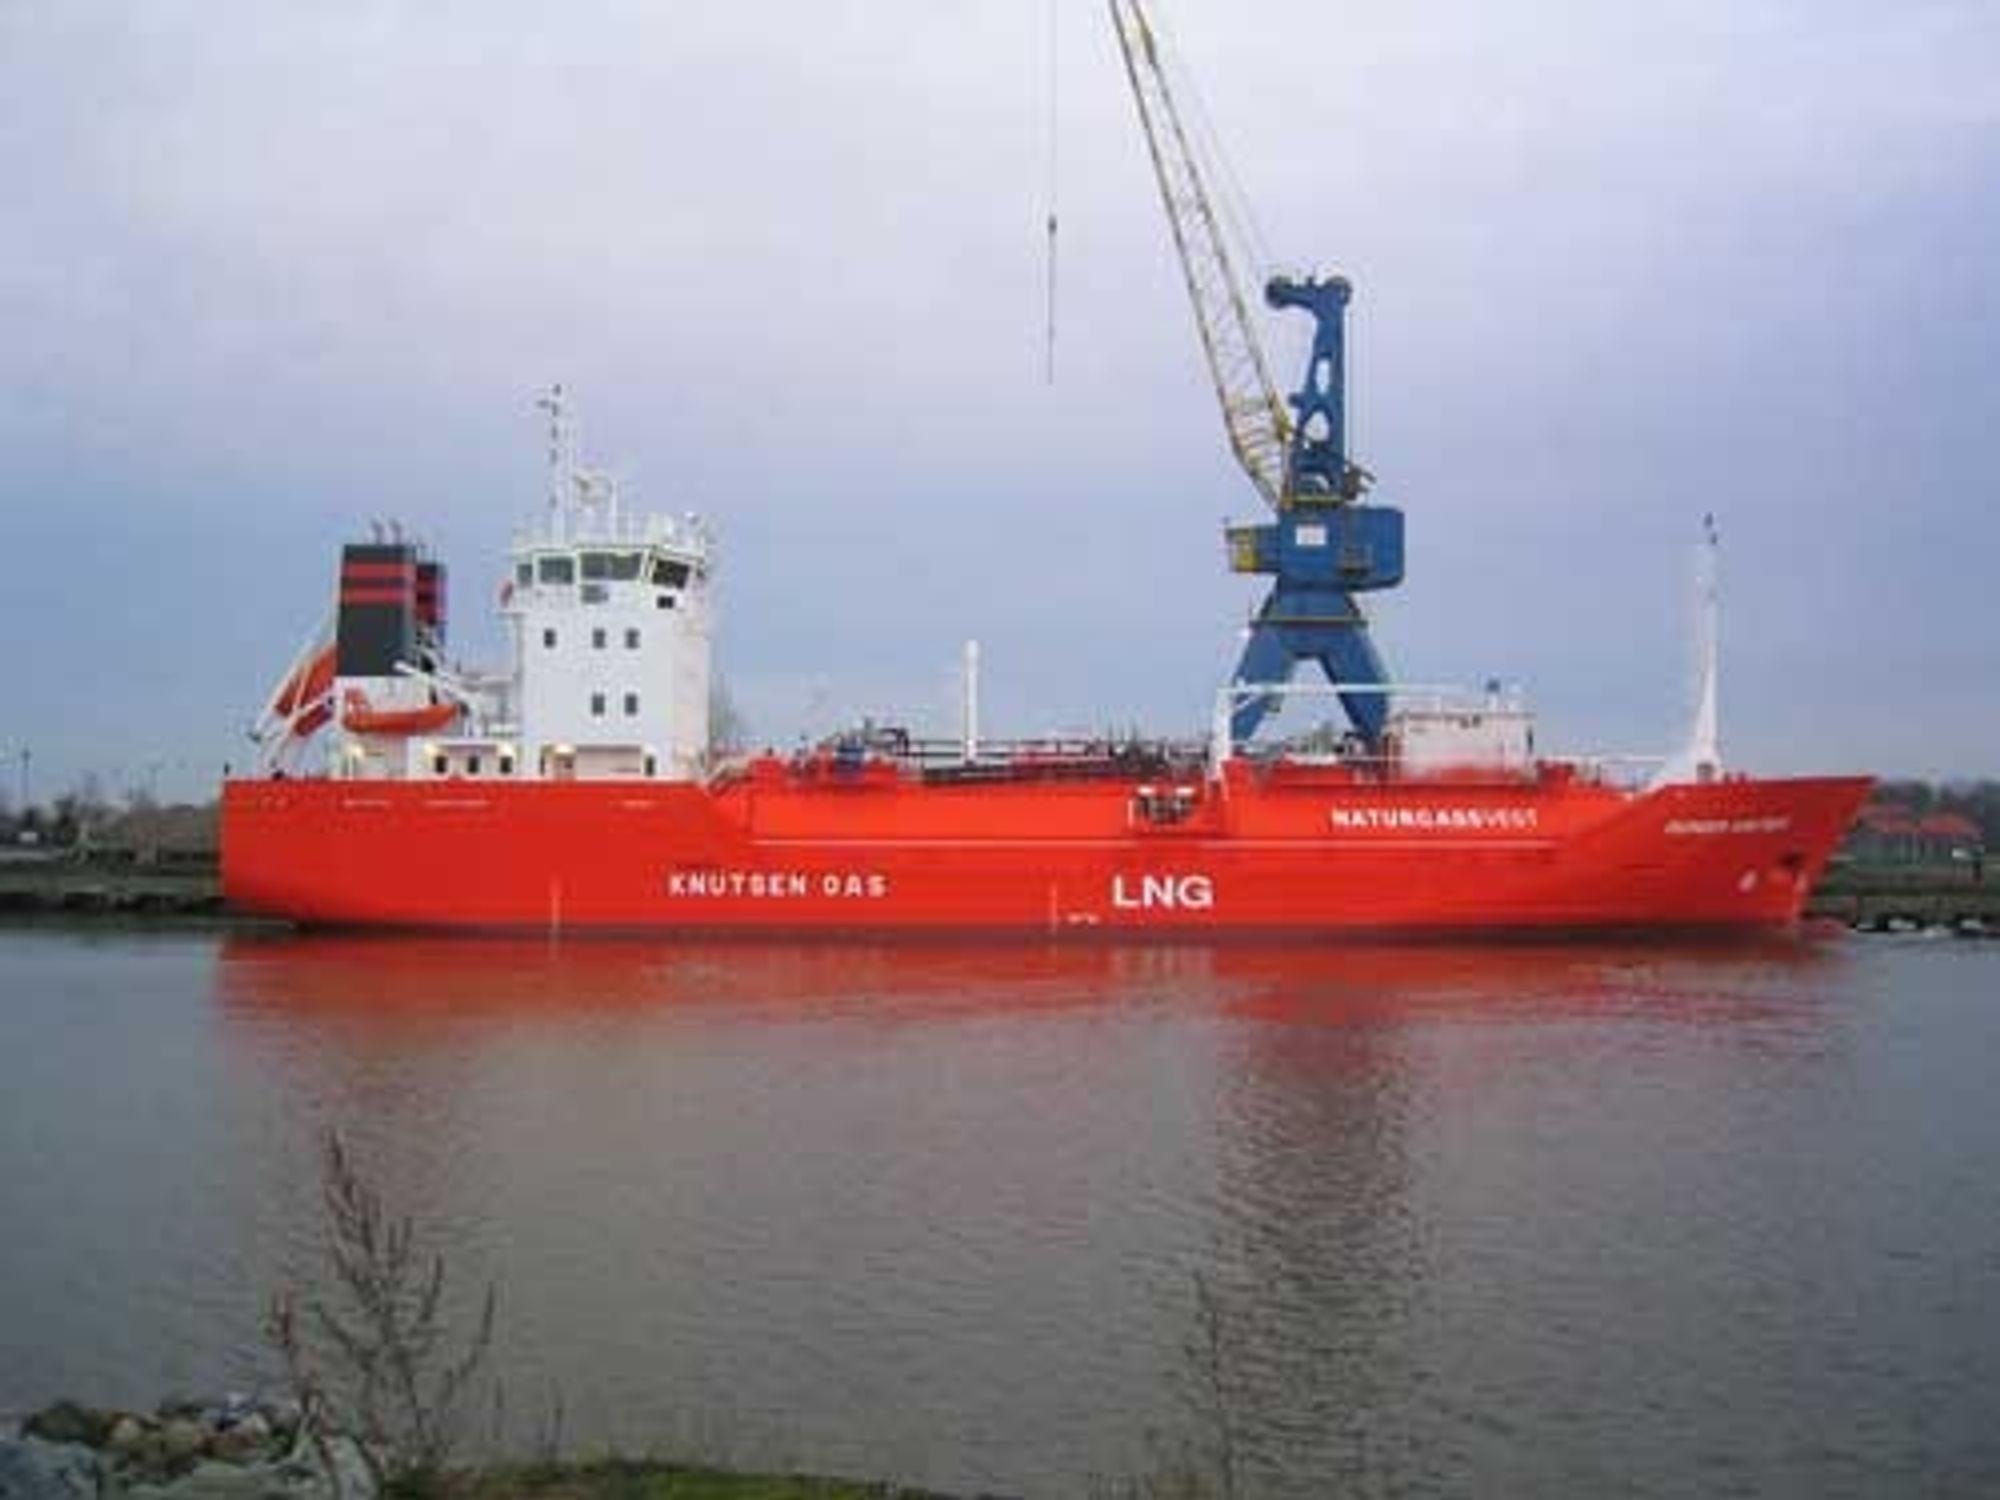 Pioneer Knutsen, verdens minste LNG-skip, har en kapasitet på 650 000 SM3. Tankbilene har til sammenlikning kapasitet til å frakte 35 000 SM3. LNG-fabrikken på Kollsnes har en kapasitet på 40 000 tonn pr år eller 56 mill SM3.    Skipet er 69 meter langt, 11,8 meter bredt og dypgang på bare 3,4 meter. Mannskapet er på bare seks personer.